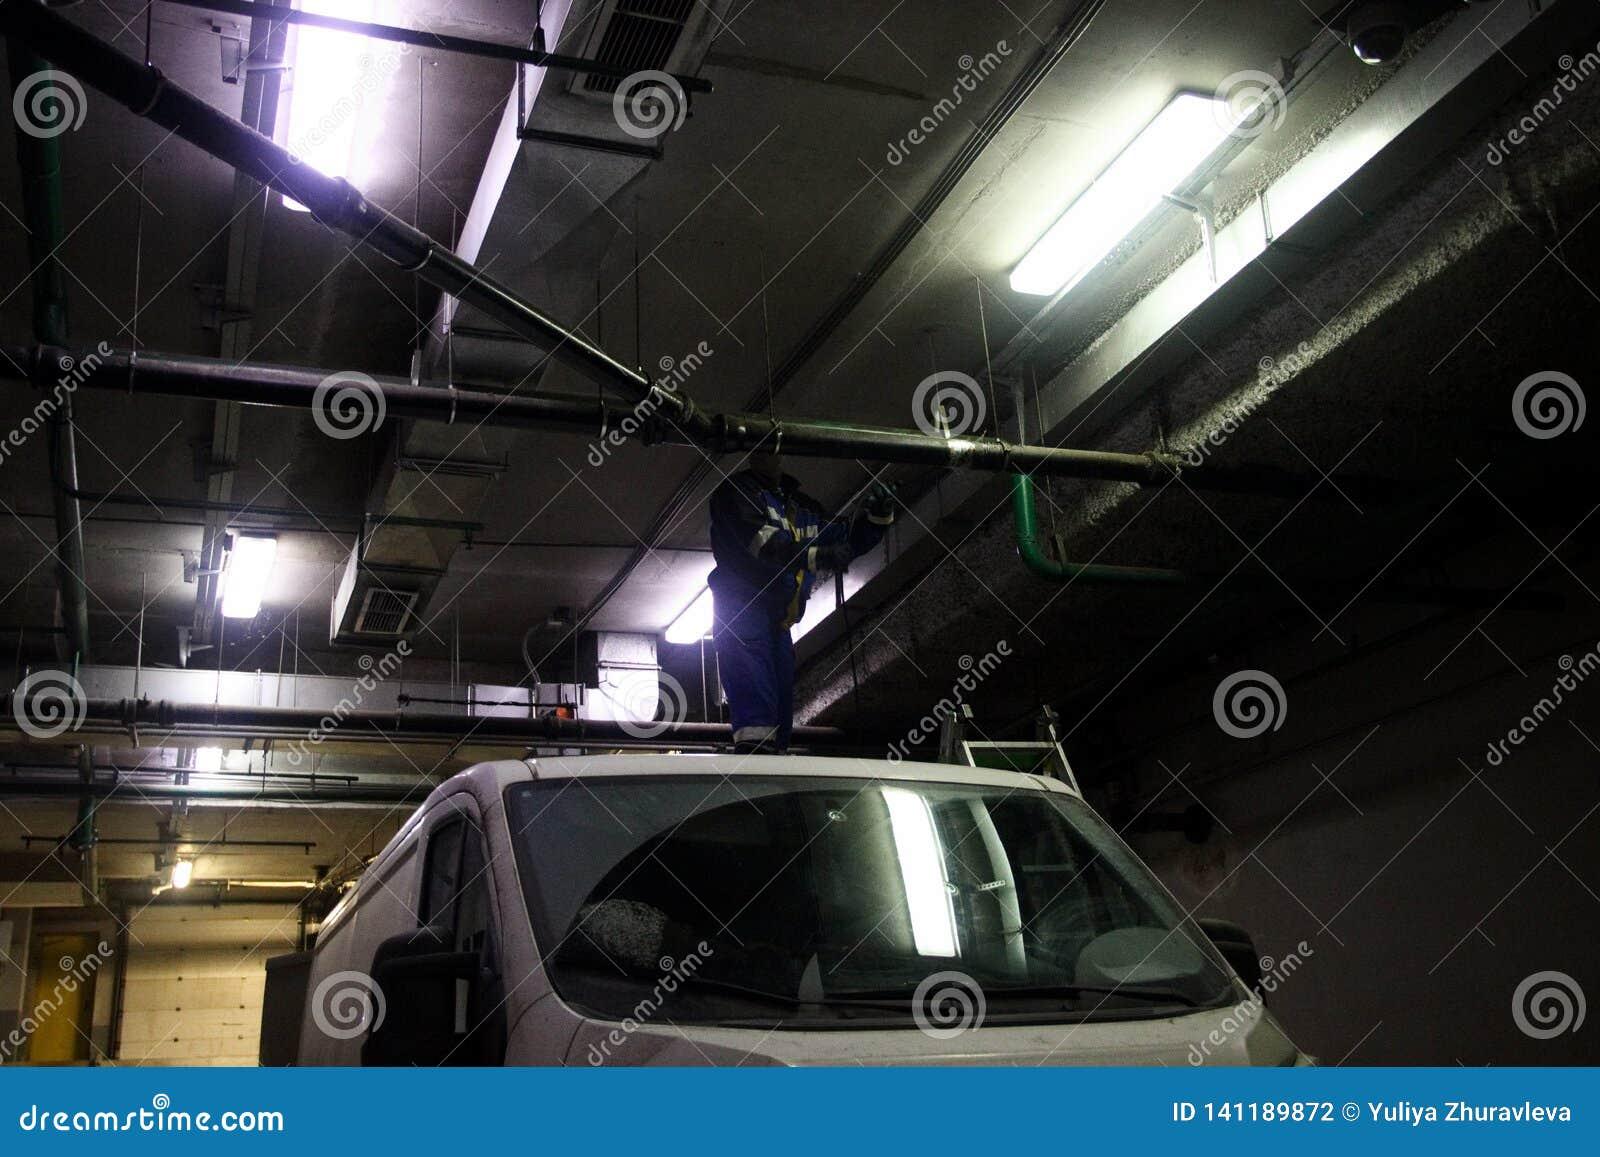 Trabajo de limpio industrial de las aguas residuales, fontanería, ventilación en base del coche en el edificio profesional